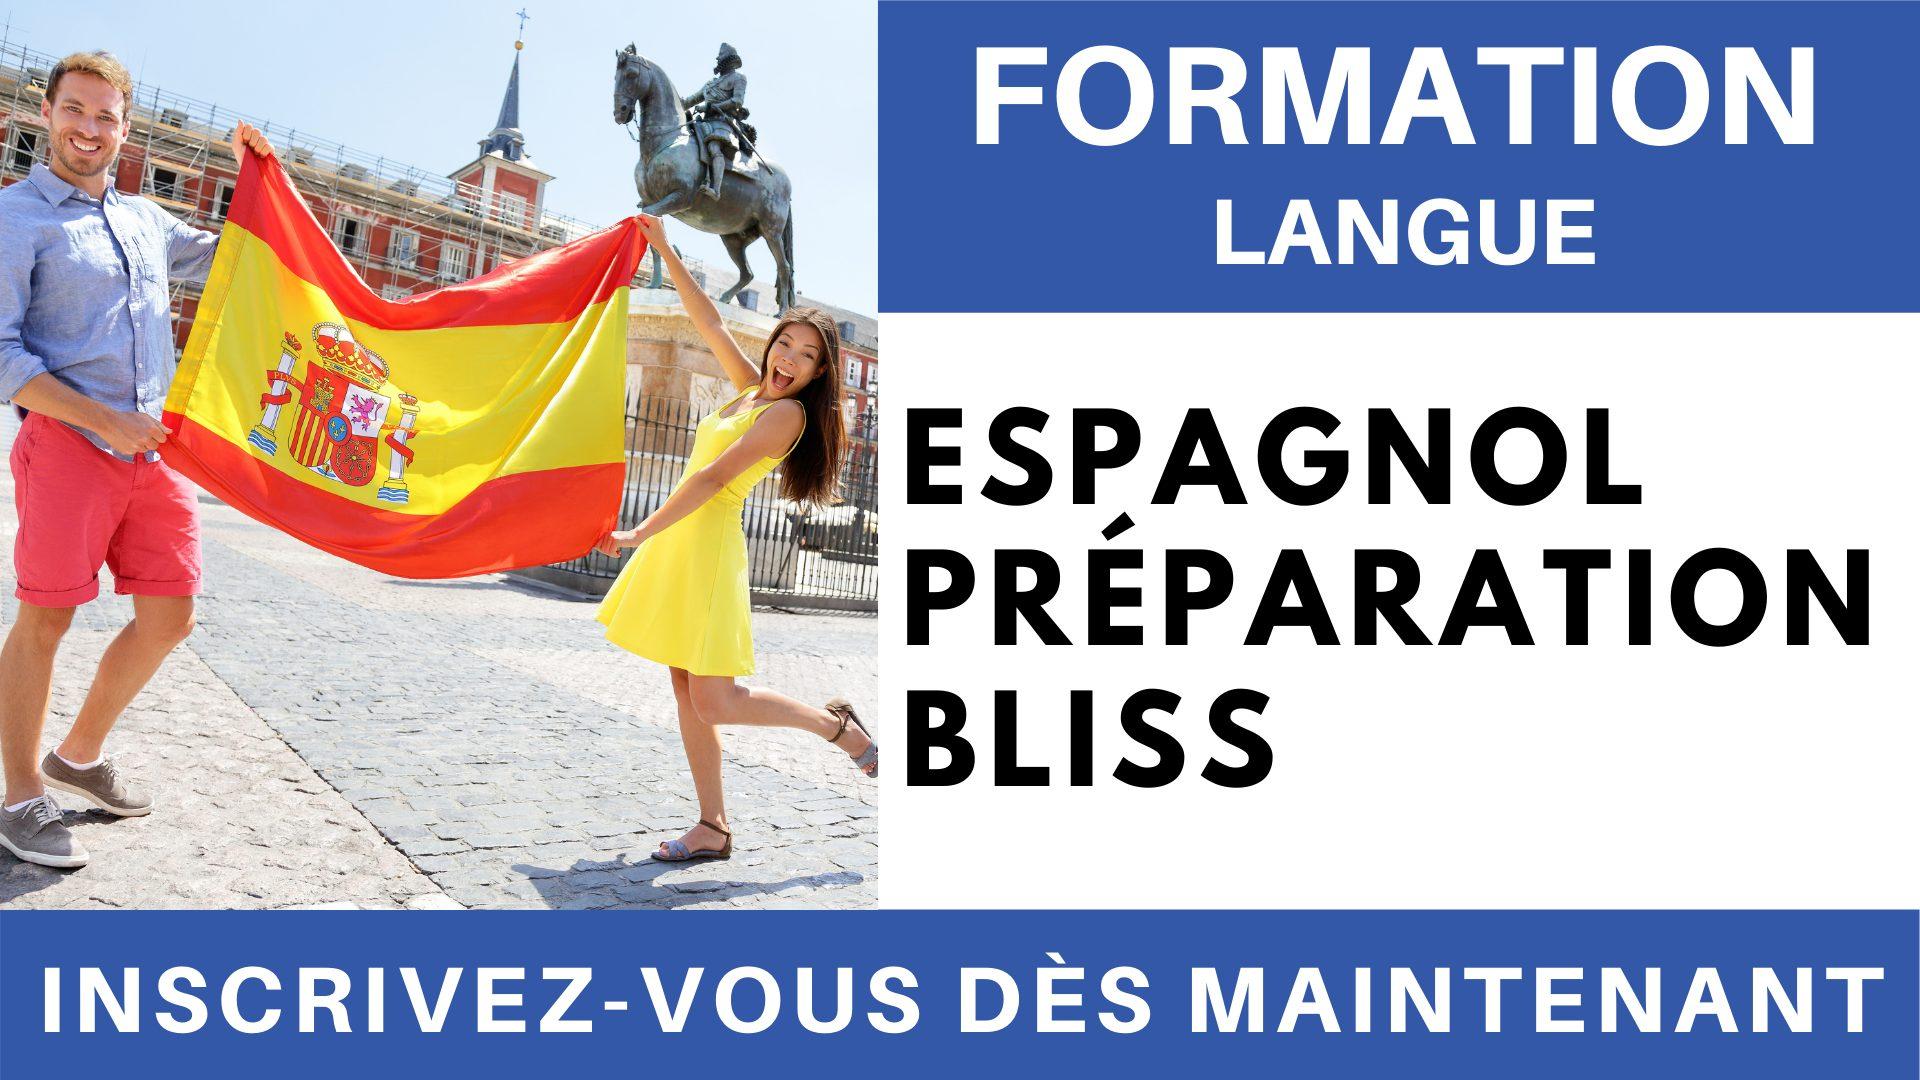 Formation Langue - Espagnol Préparation BLISS (1)